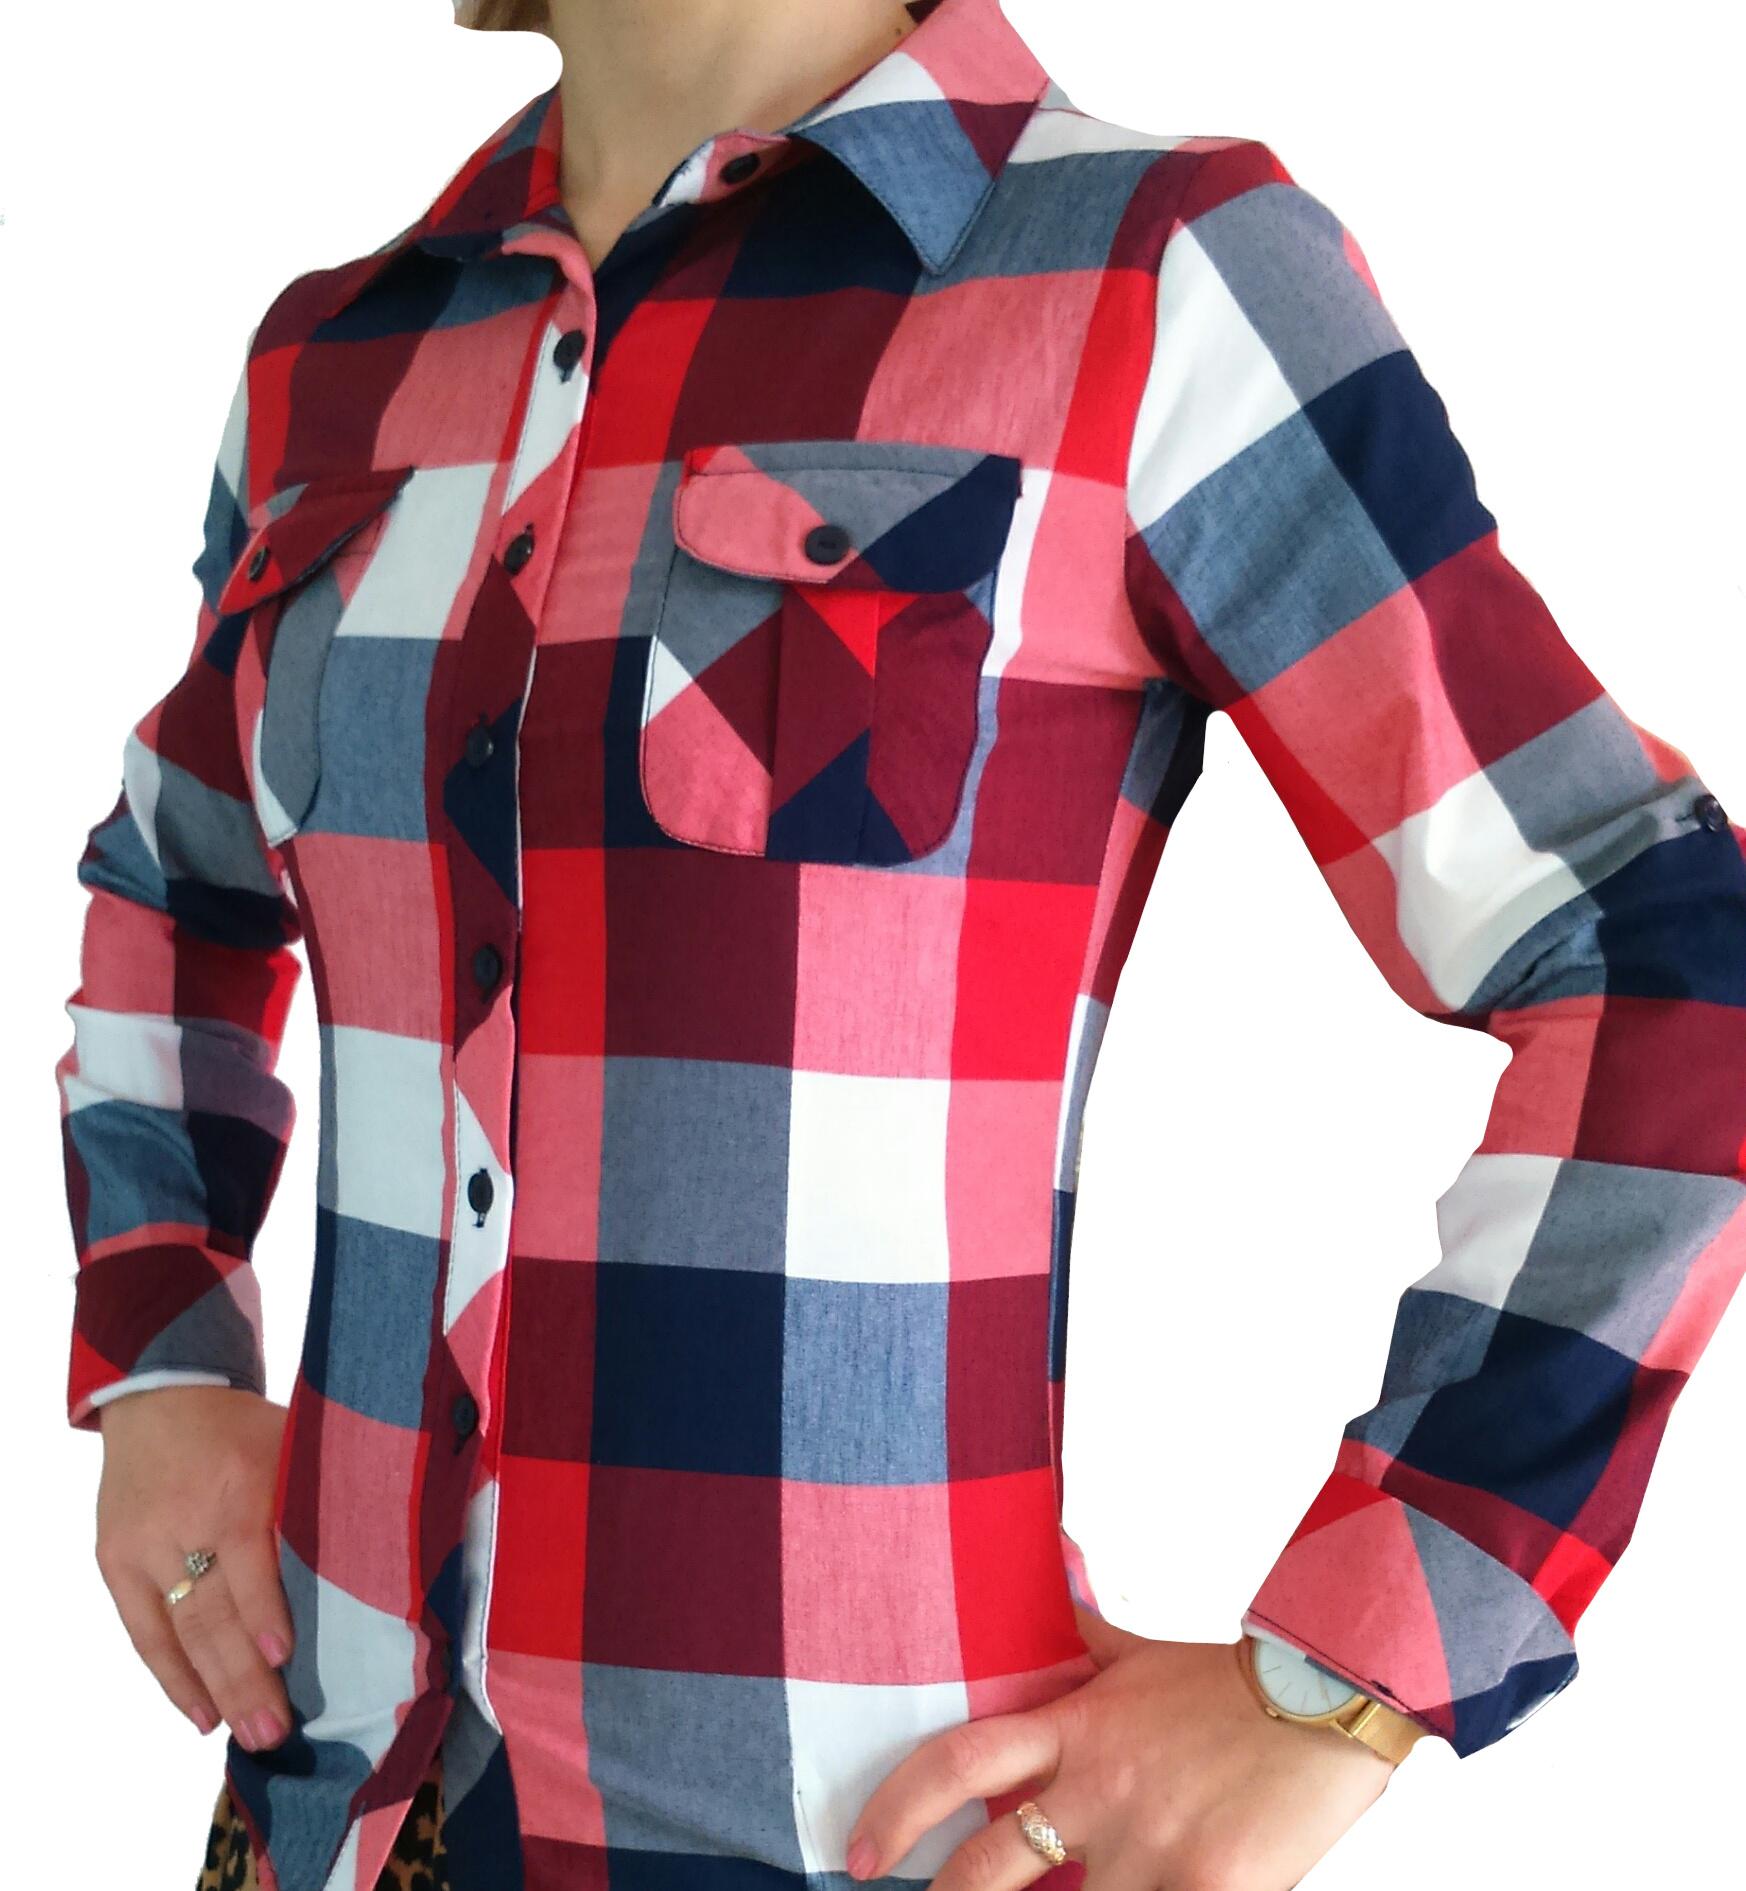 Koszula w dużą kratę czerwono biała granat HIT!!! 7127148719  35Agn